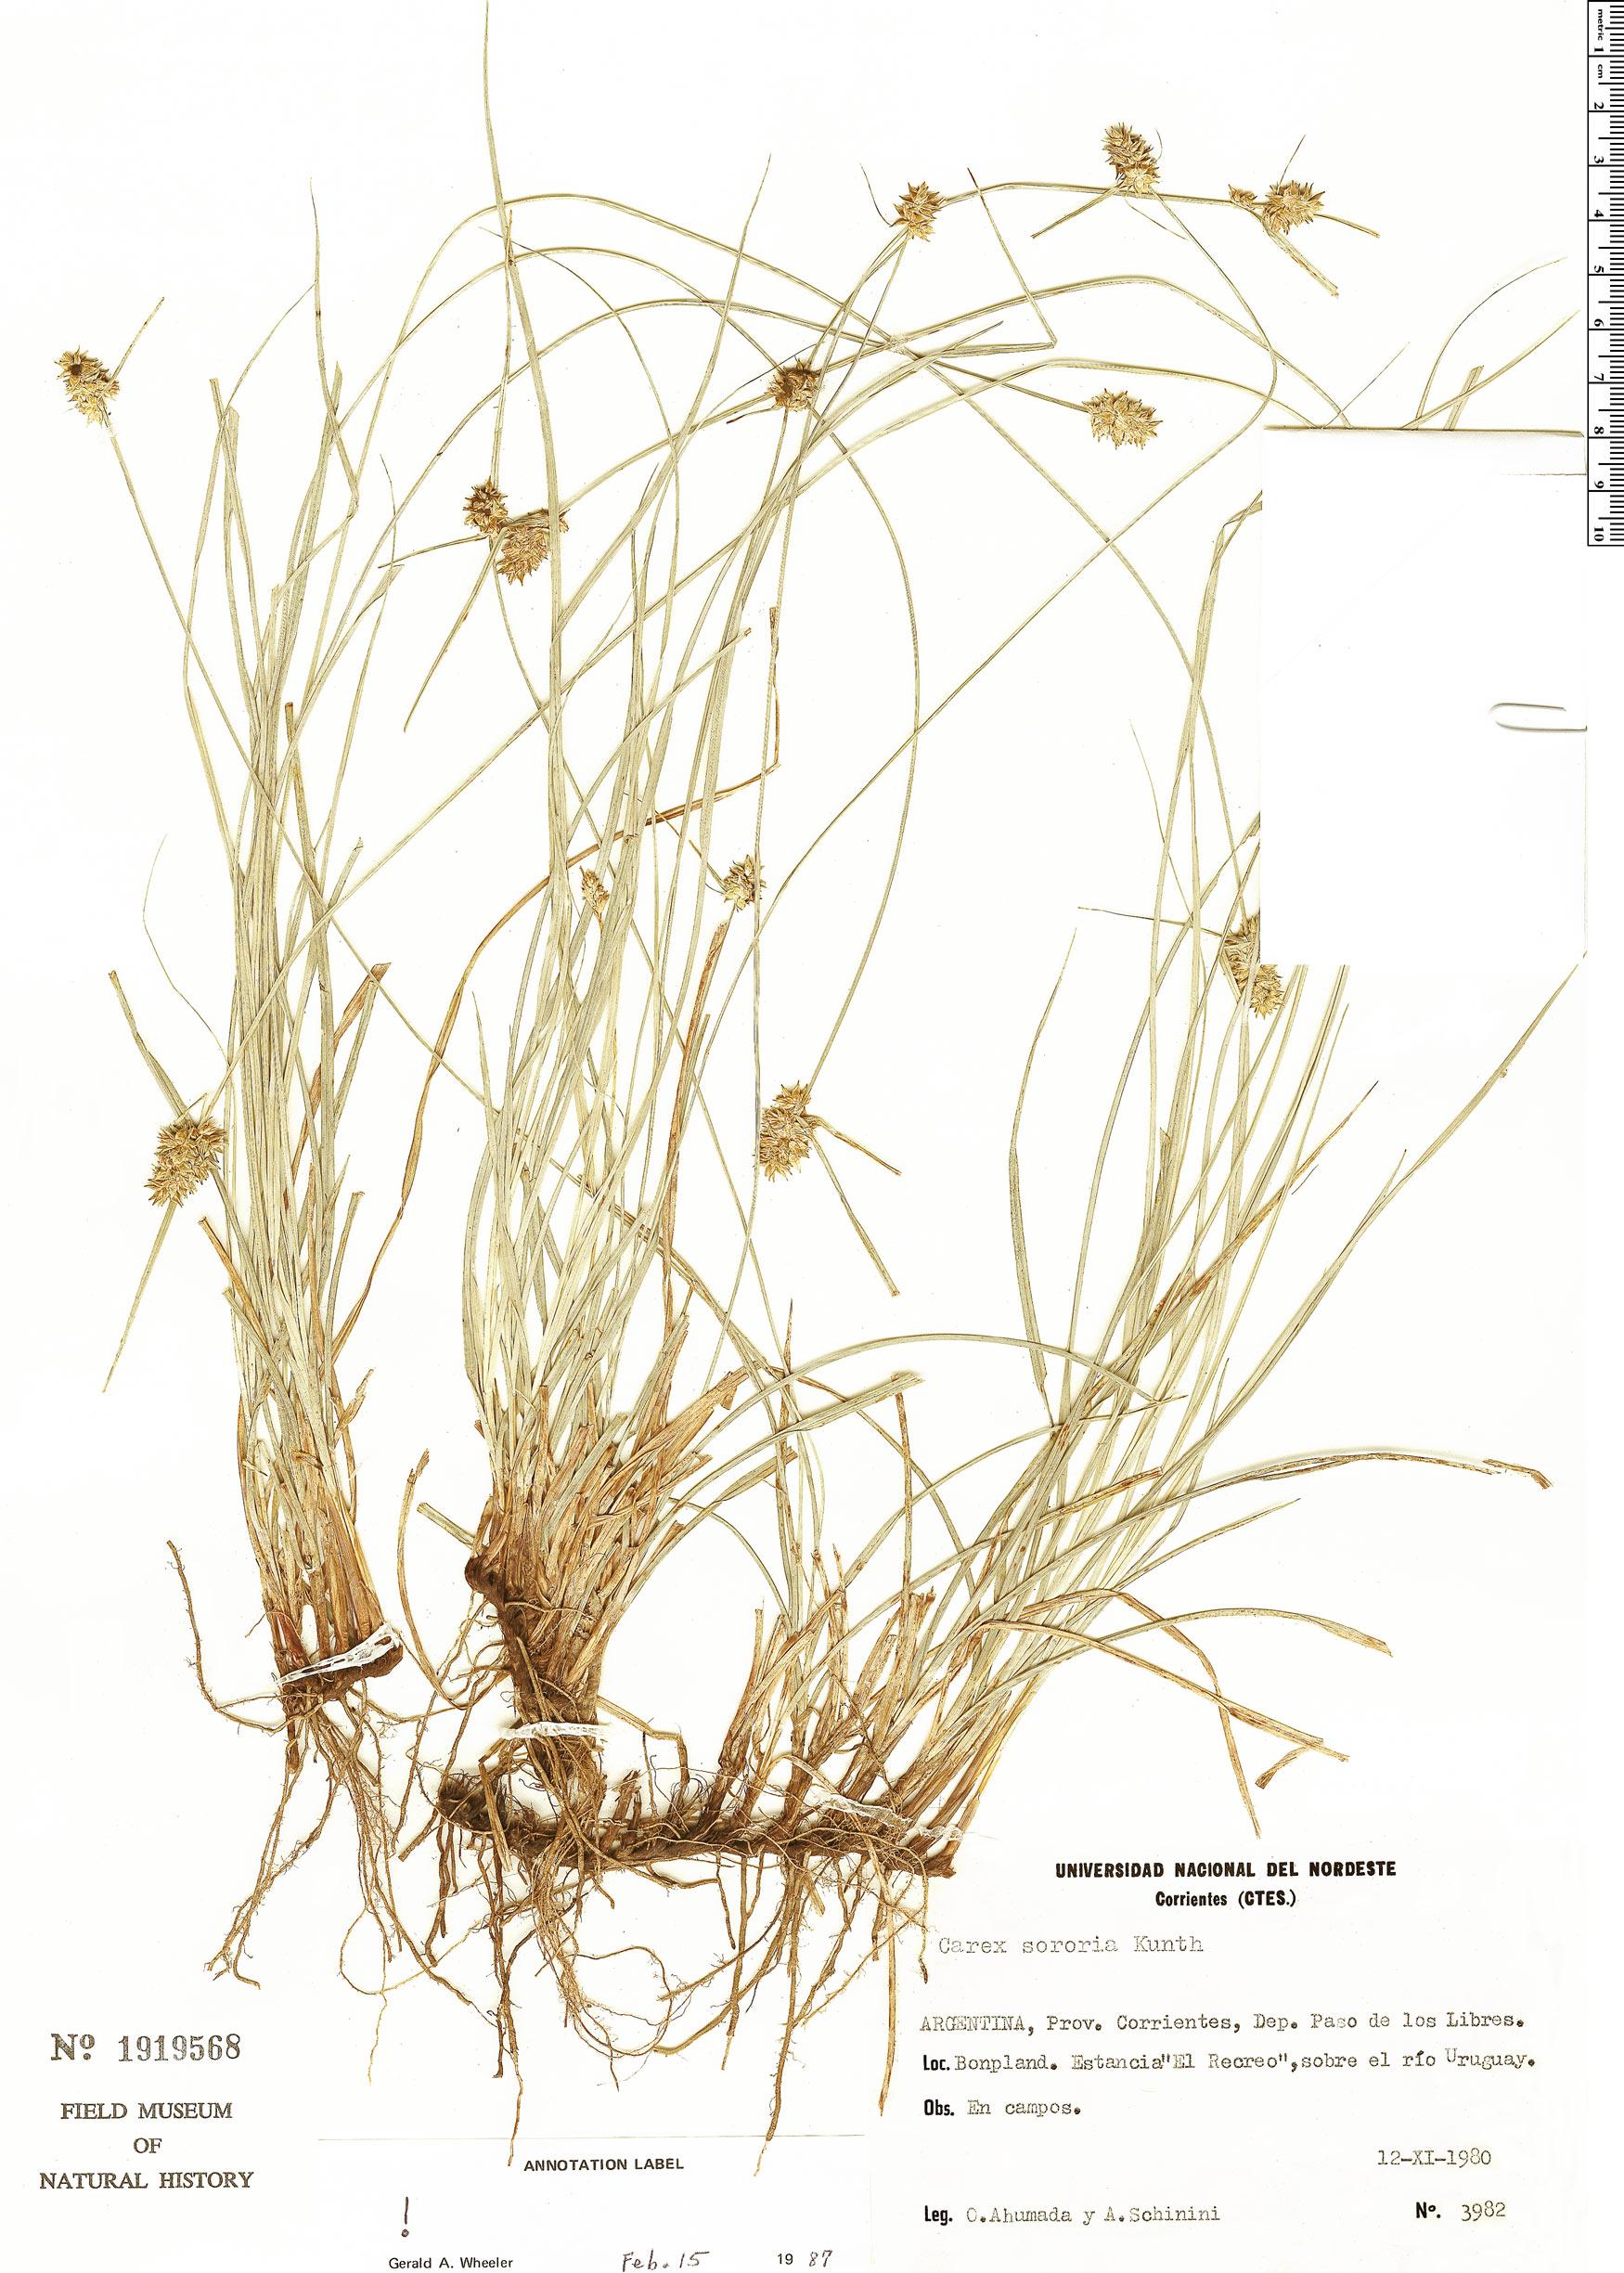 Specimen: Carex sororia